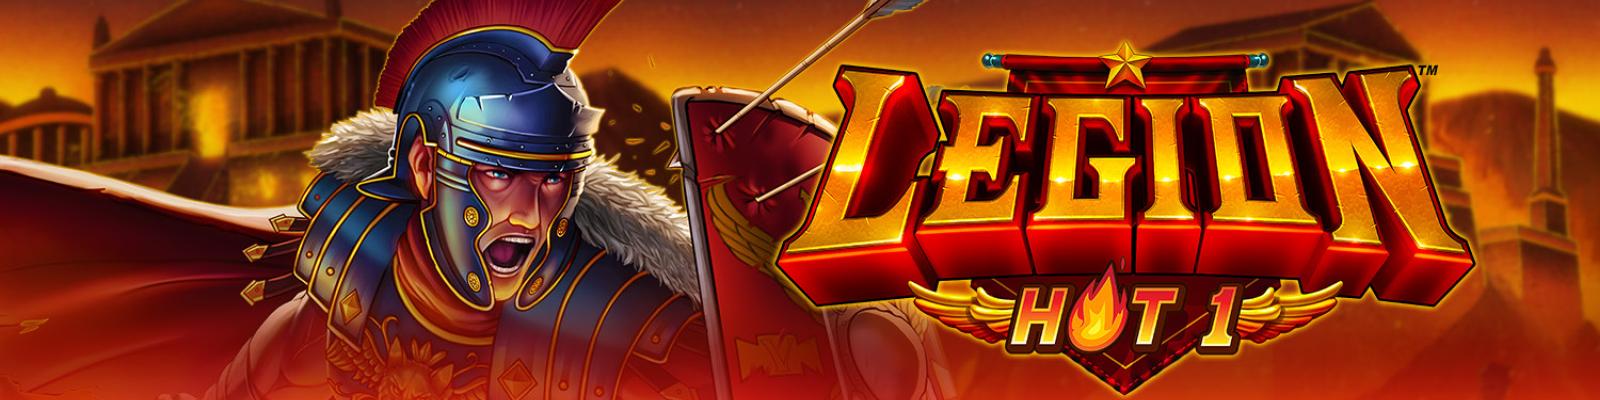 Legion Hot 1 – Yggdrasil